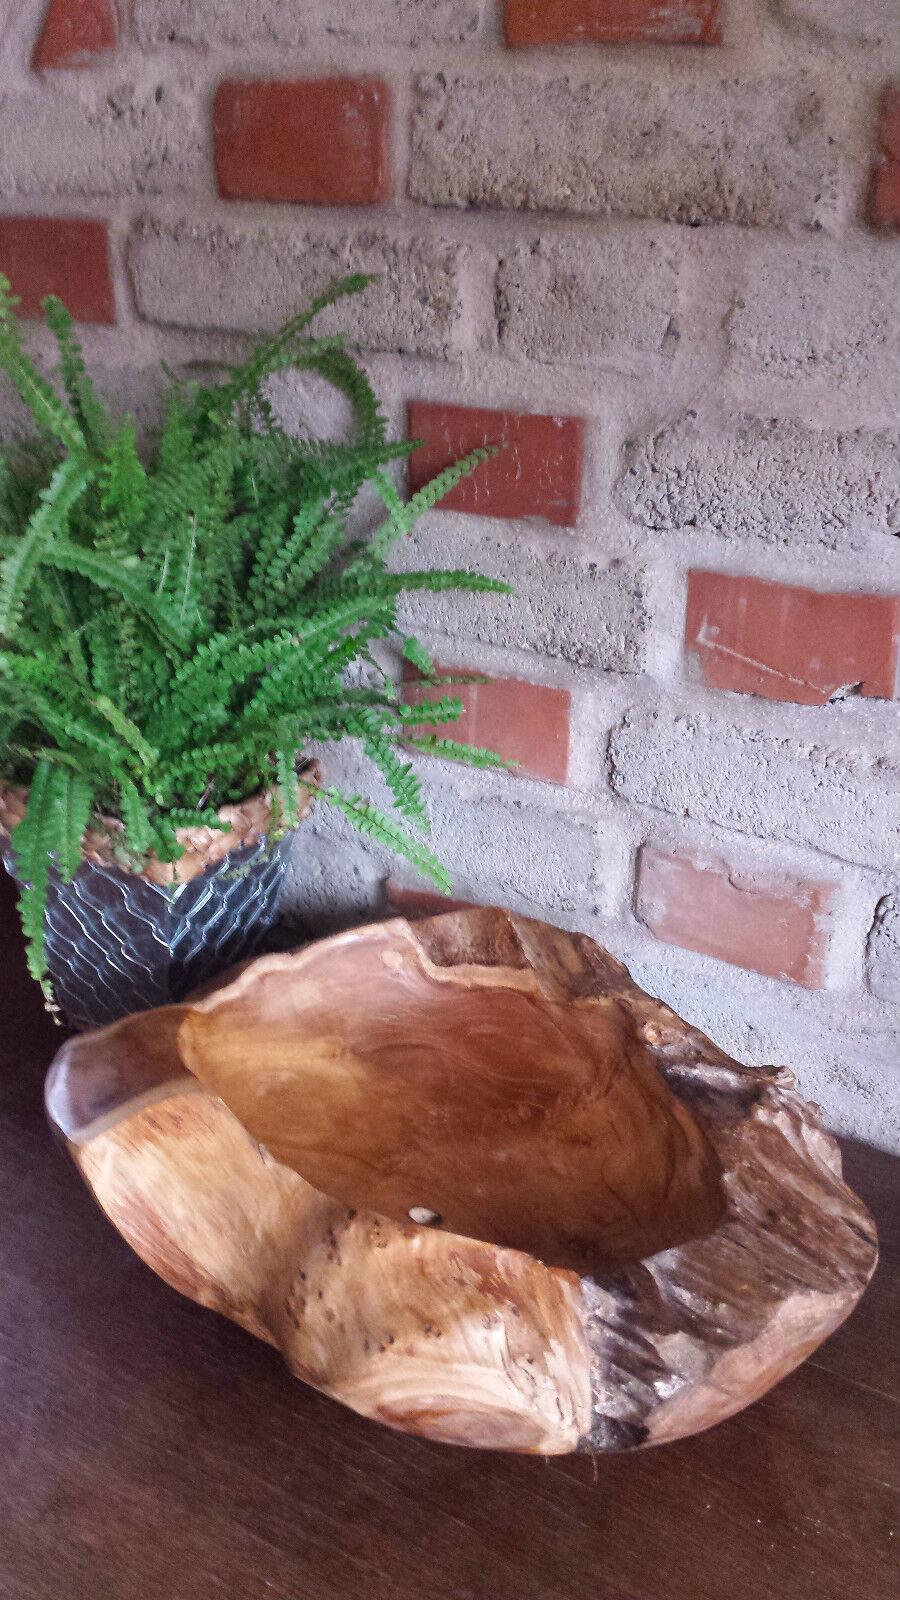 Schale Teakholz Teakholz Teakholz Obstschale Pflanzen schale Garten Dekoration Schüssel Unikat | Konzentrieren Sie sich auf das Babyleben  bbbfe9